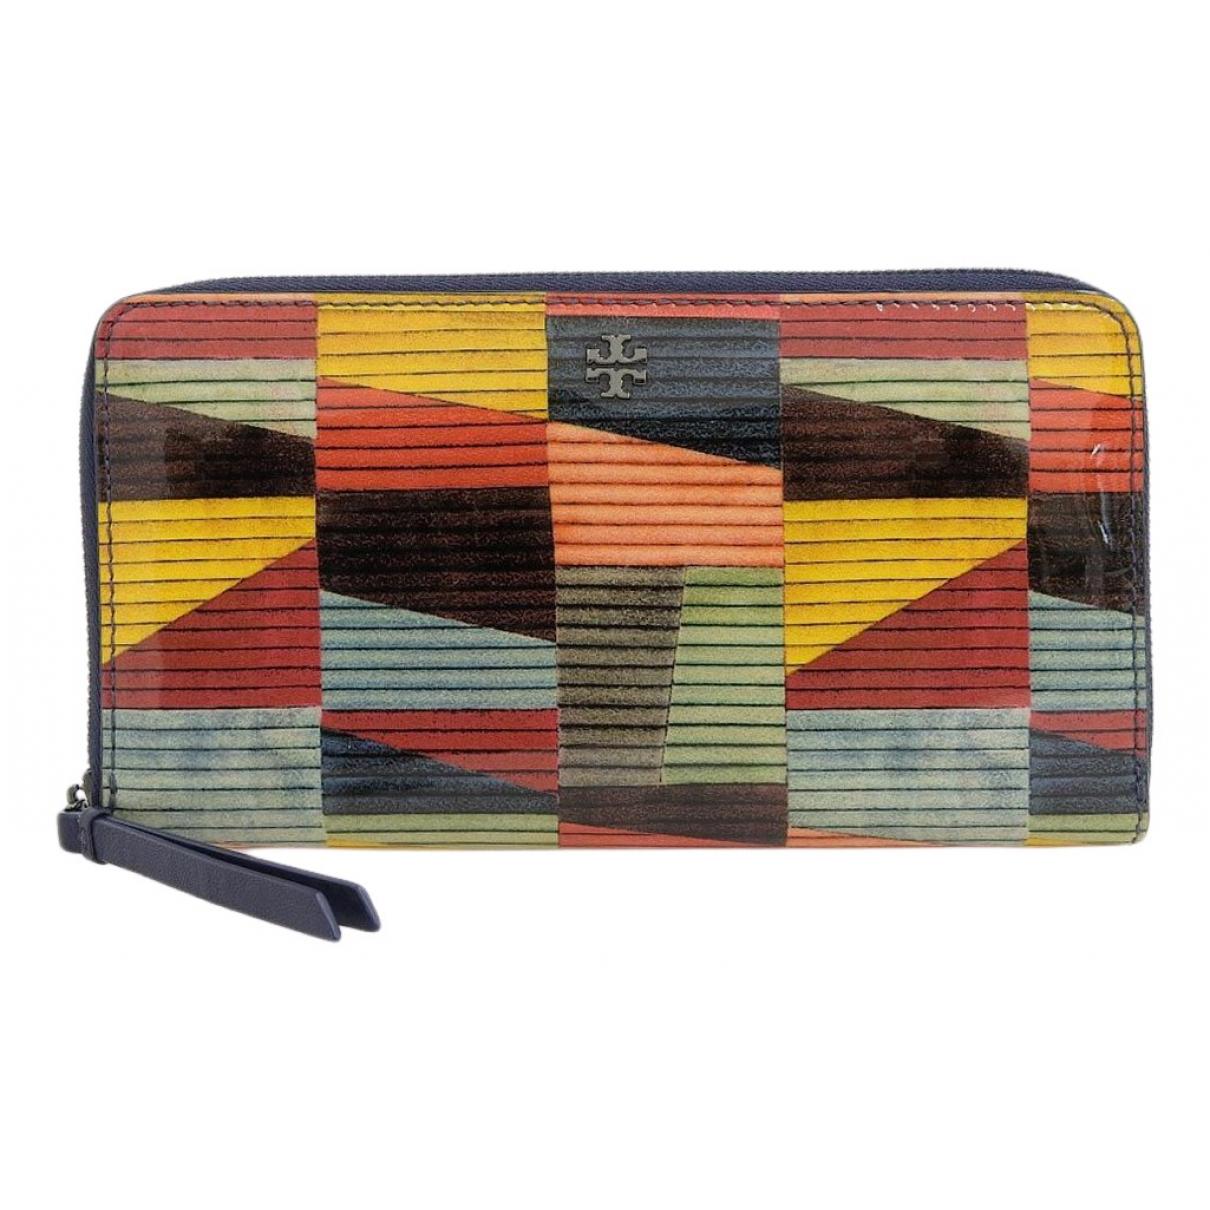 Tory Burch - Portefeuille   pour femme en cuir verni - multicolore